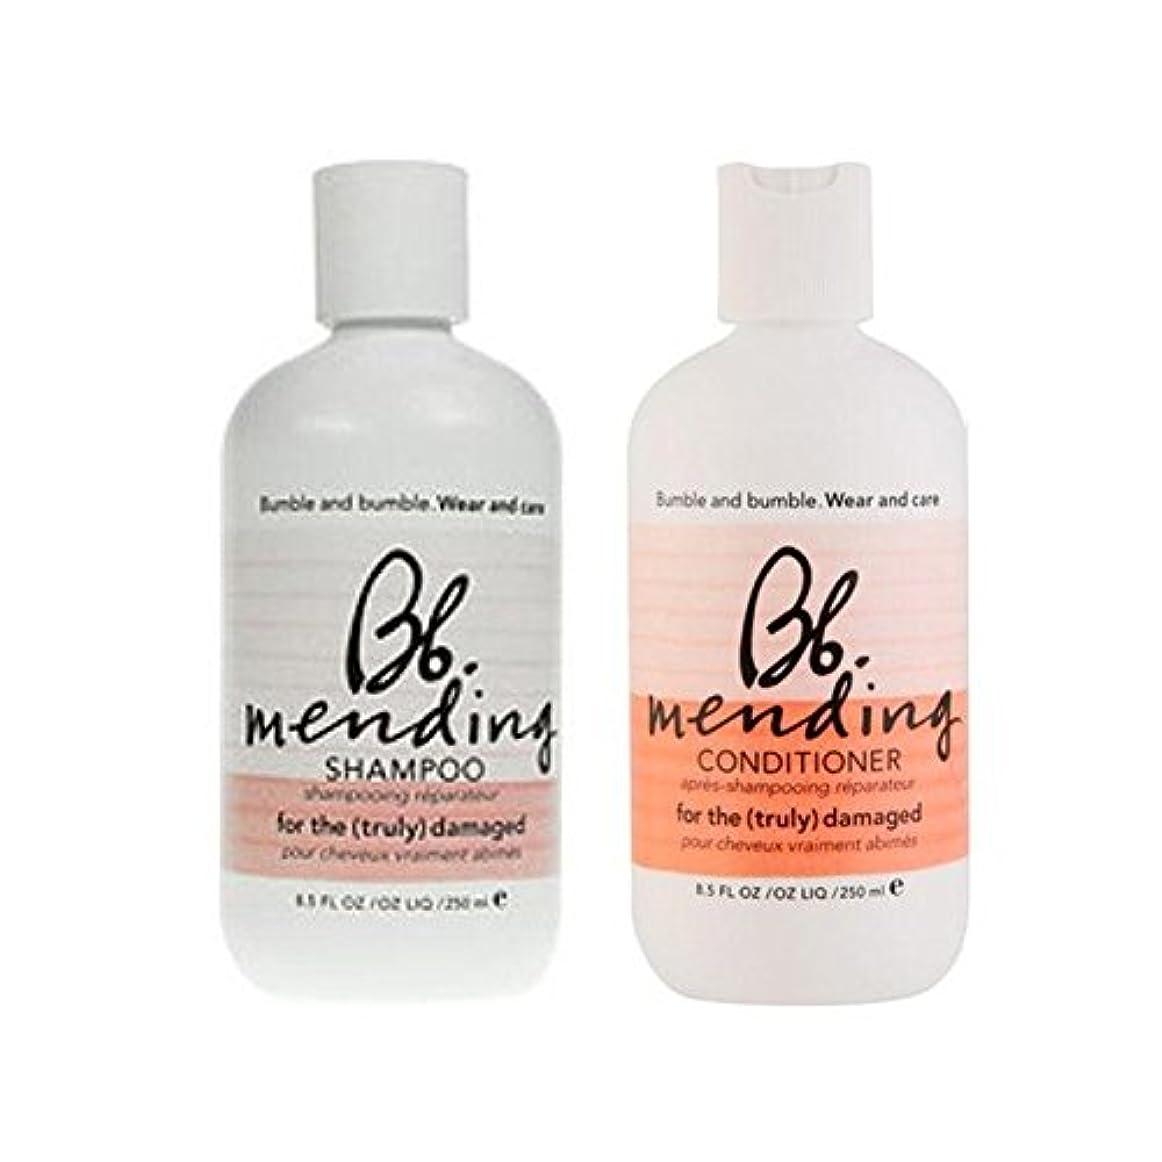 バルク酸化物アシスタント着用し、-シャンプーとコンディショナーを補修ケア x2 - Bb Wear And Care Mending Duo- Shampoo And Conditioner (Pack of 2) [並行輸入品]